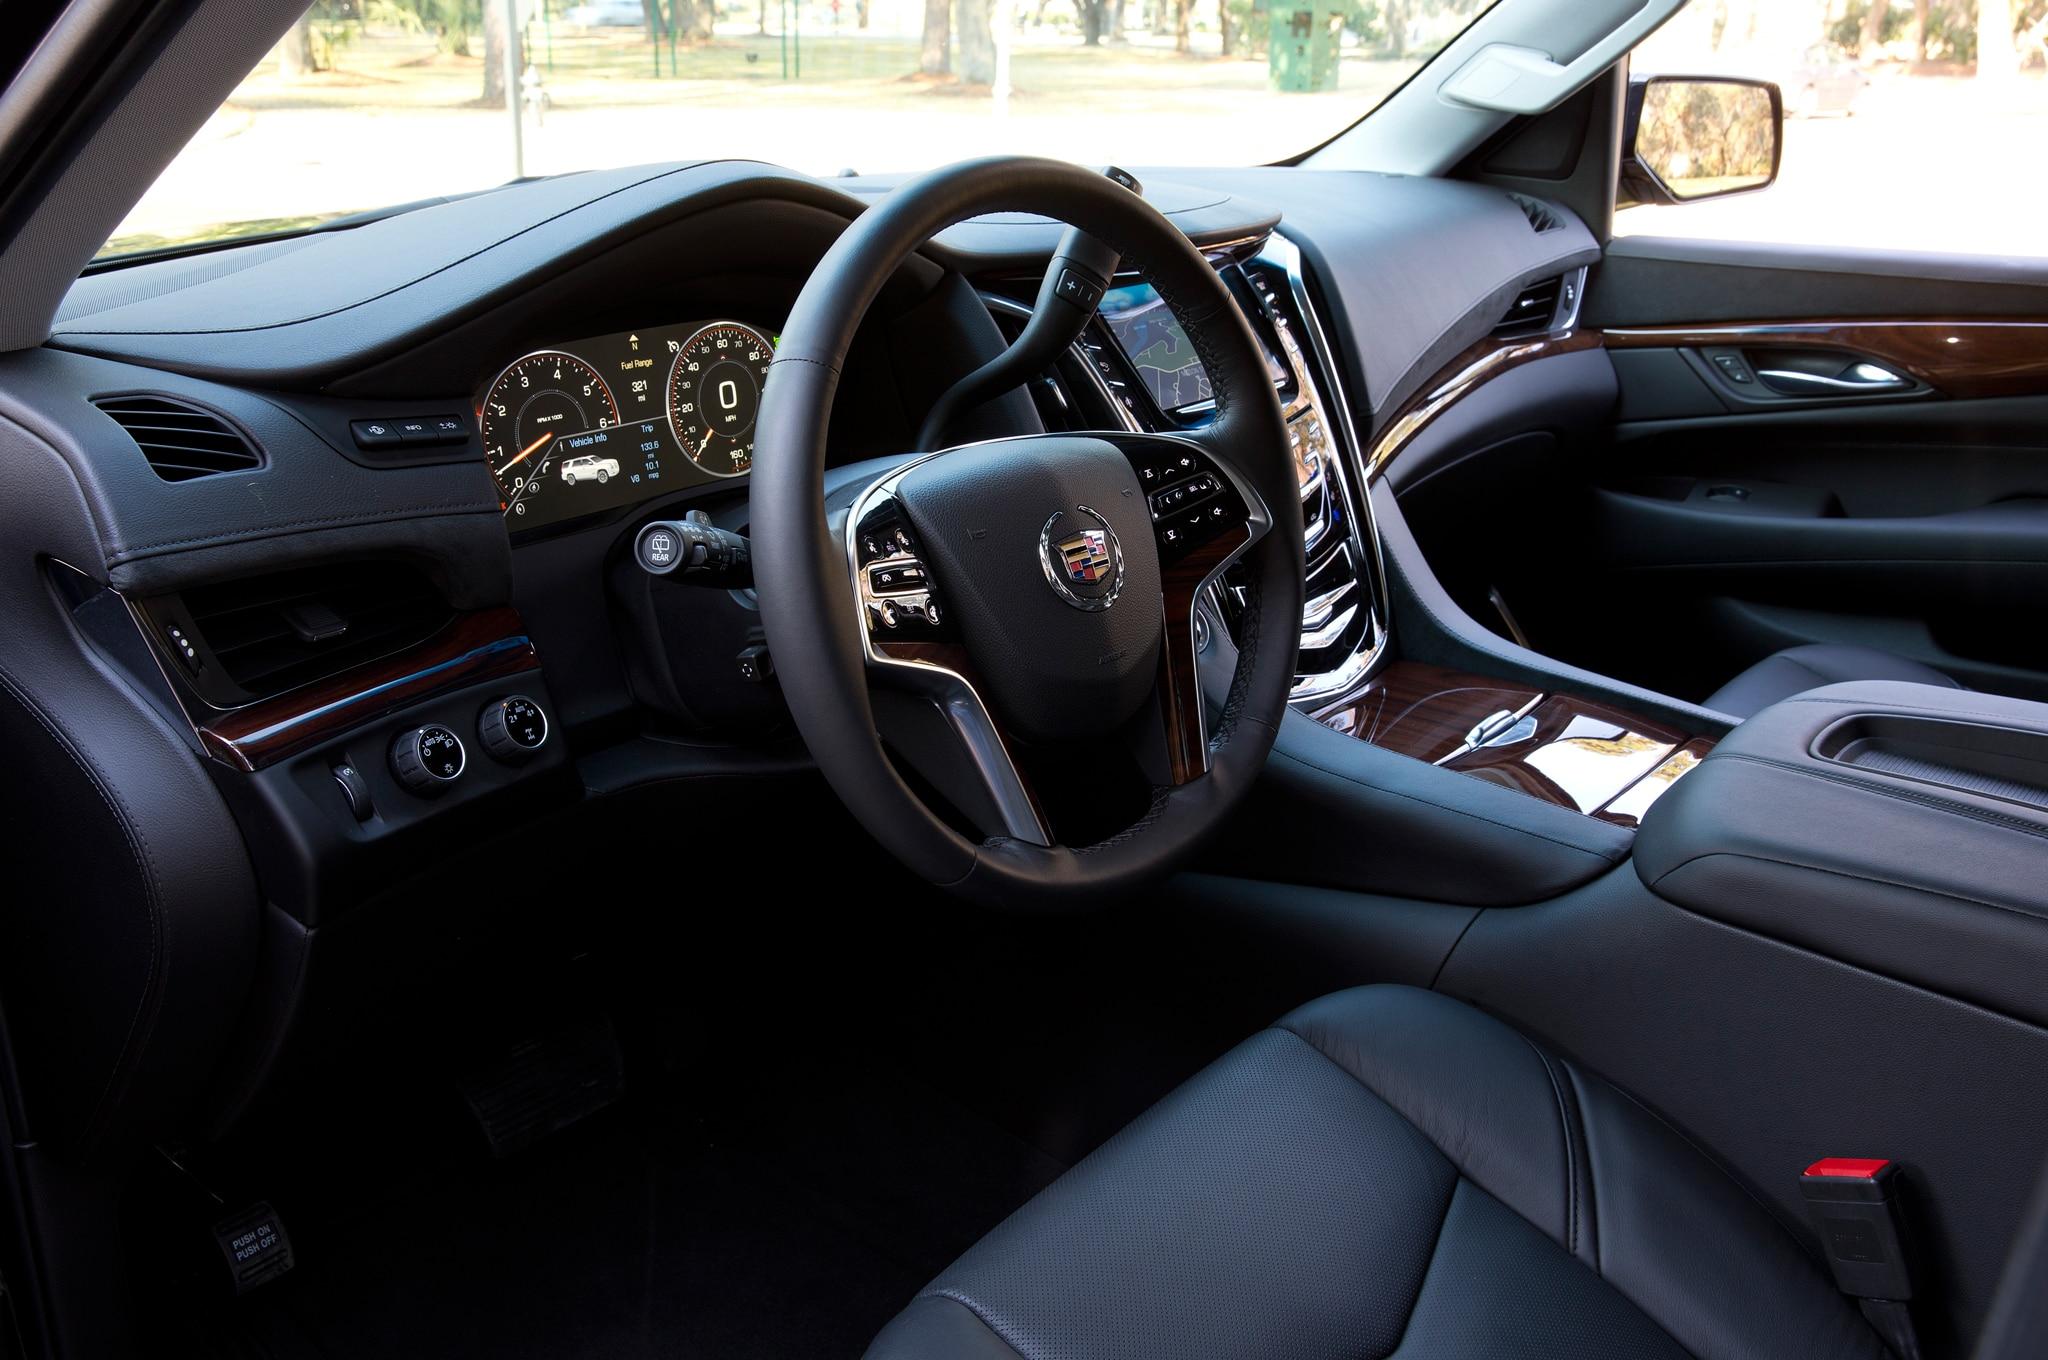 2015 Cadillac Escalade Interior Spied